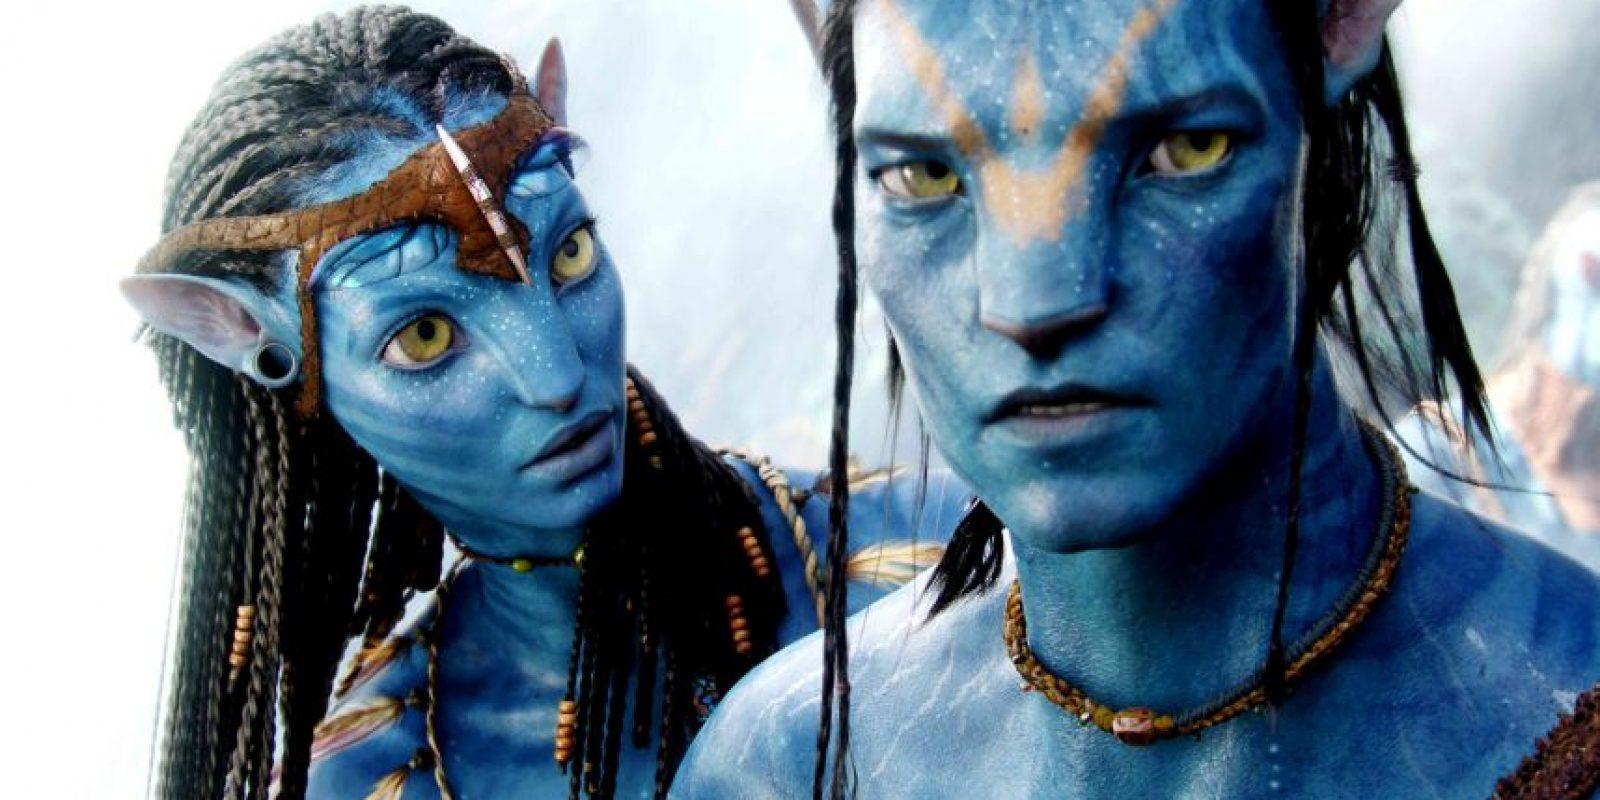 El estreno de la primera se había fijado para fines del 2016, pero el realizador dijo que el proceso mostró que la fecha era probablemente demasiado ambiciosa.